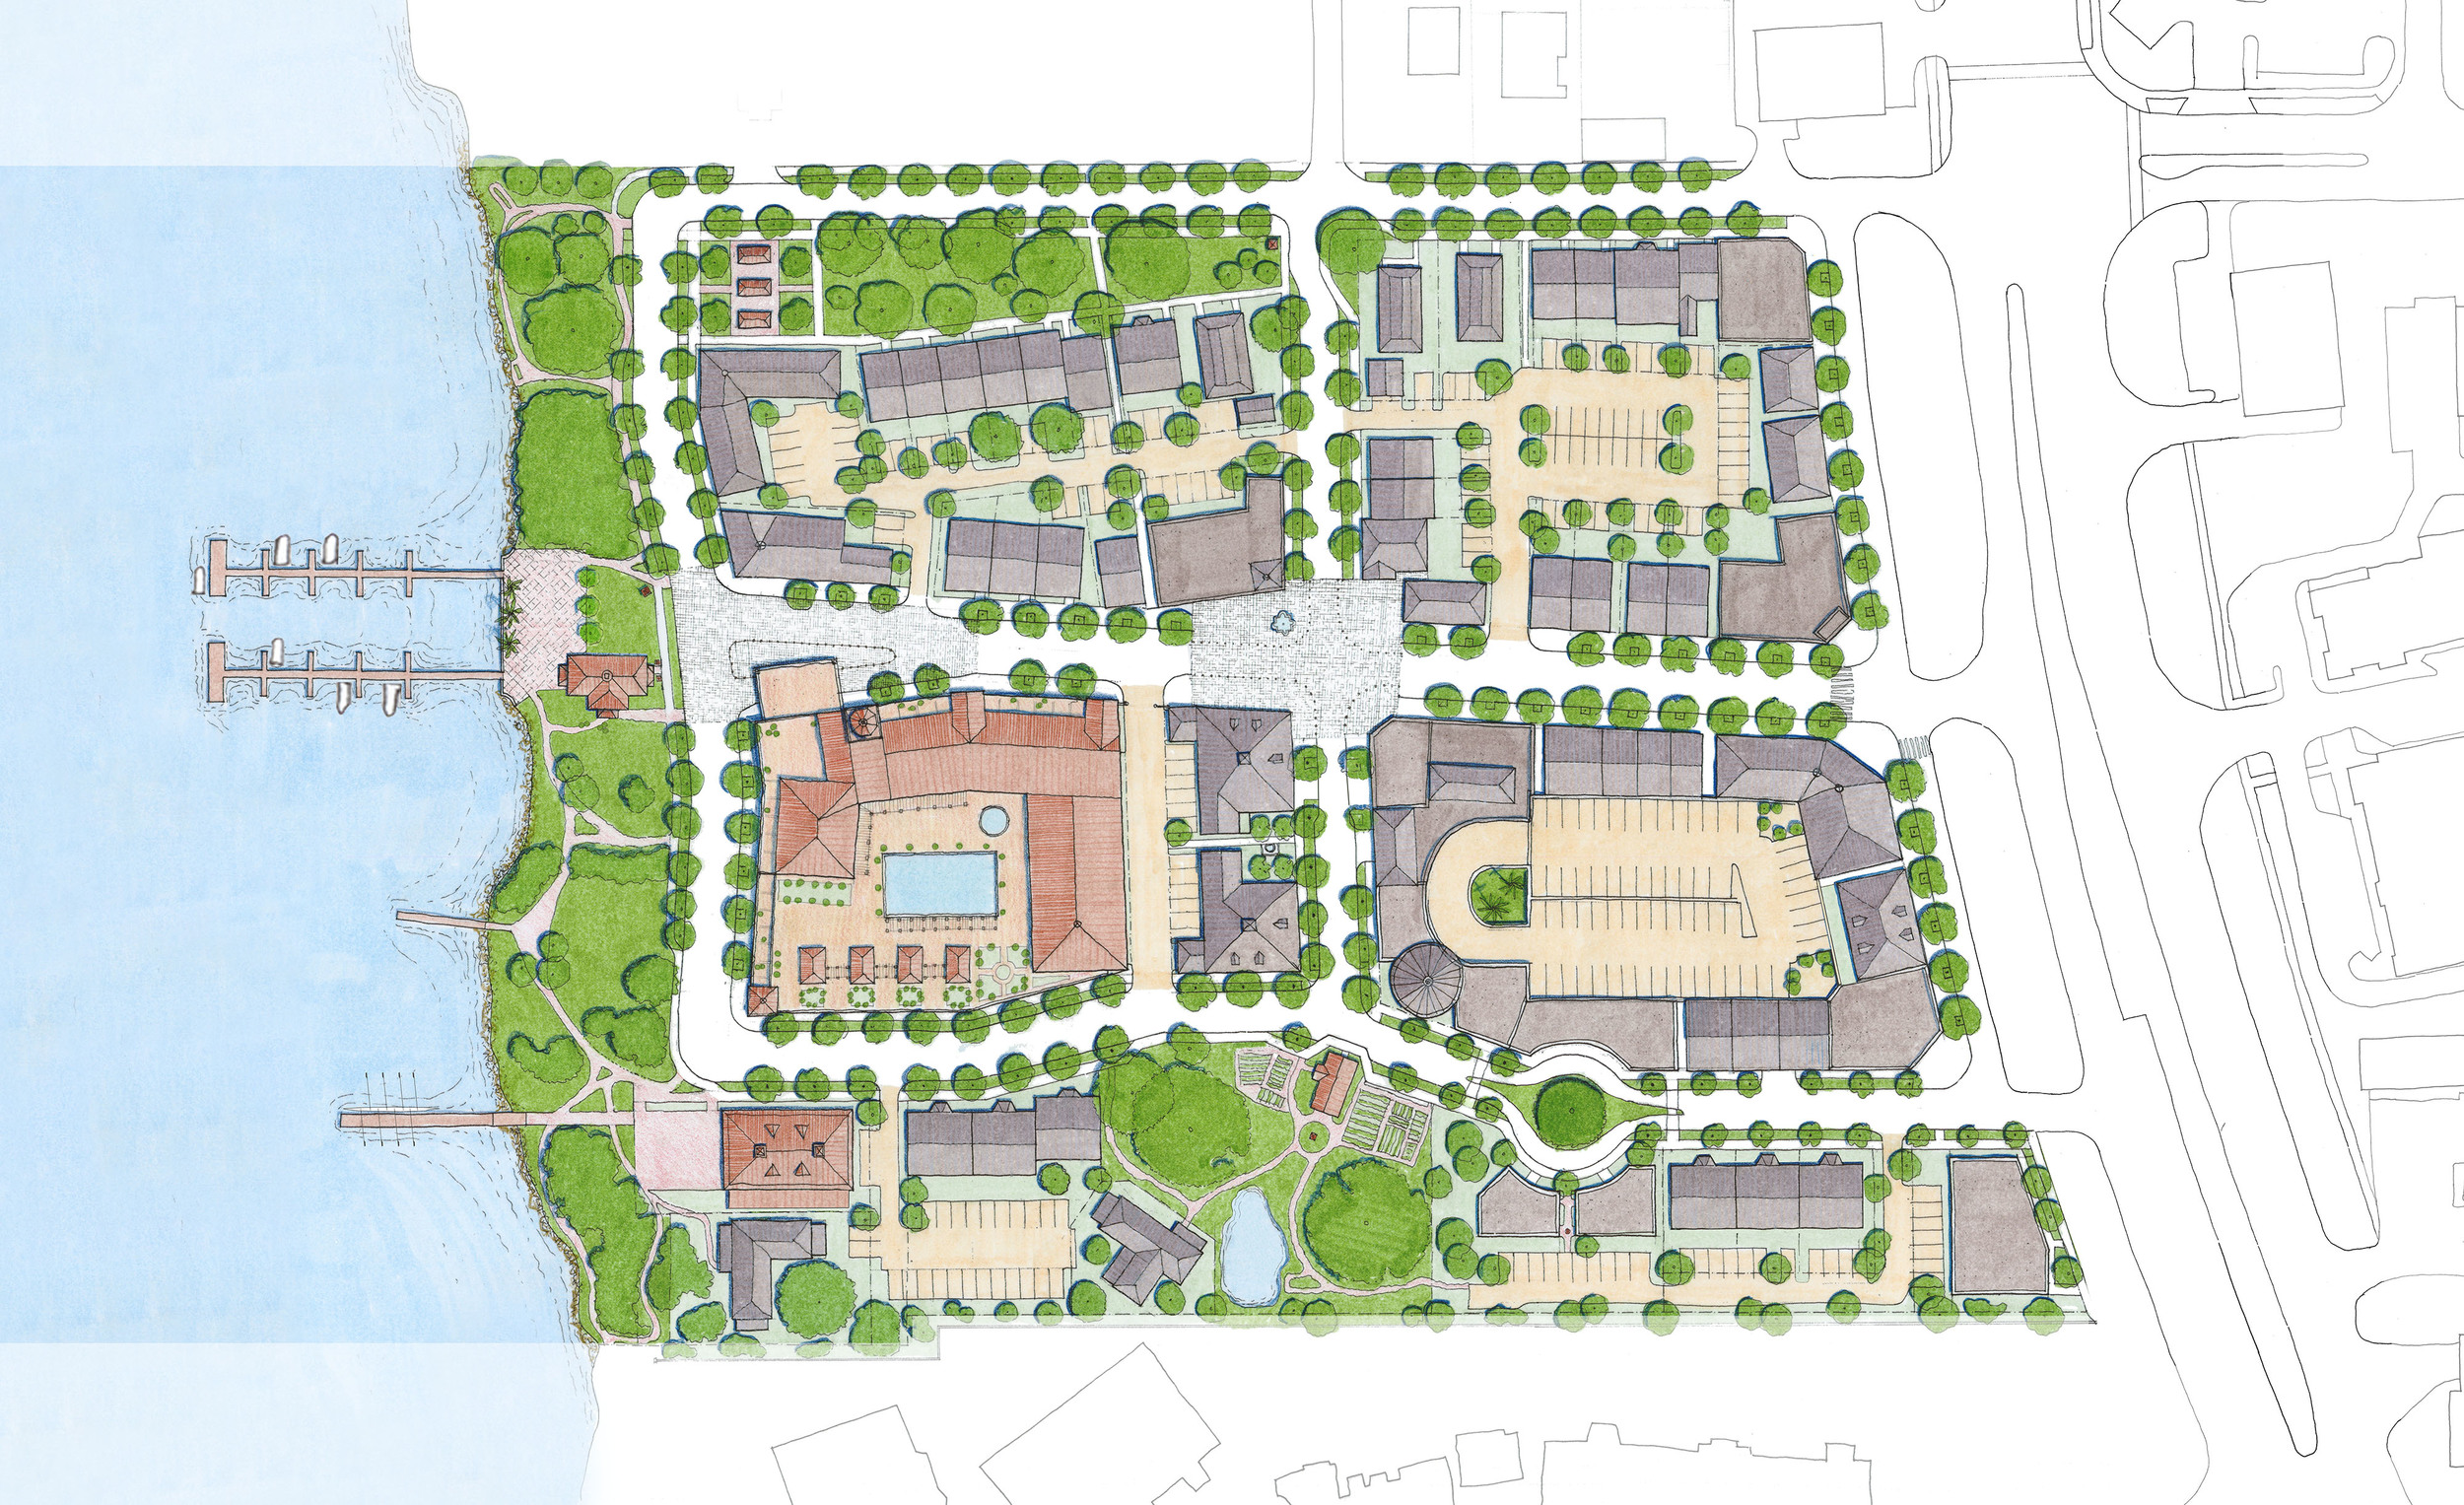 Osprey Illustrative Master Plan (w docks) resized.jpg